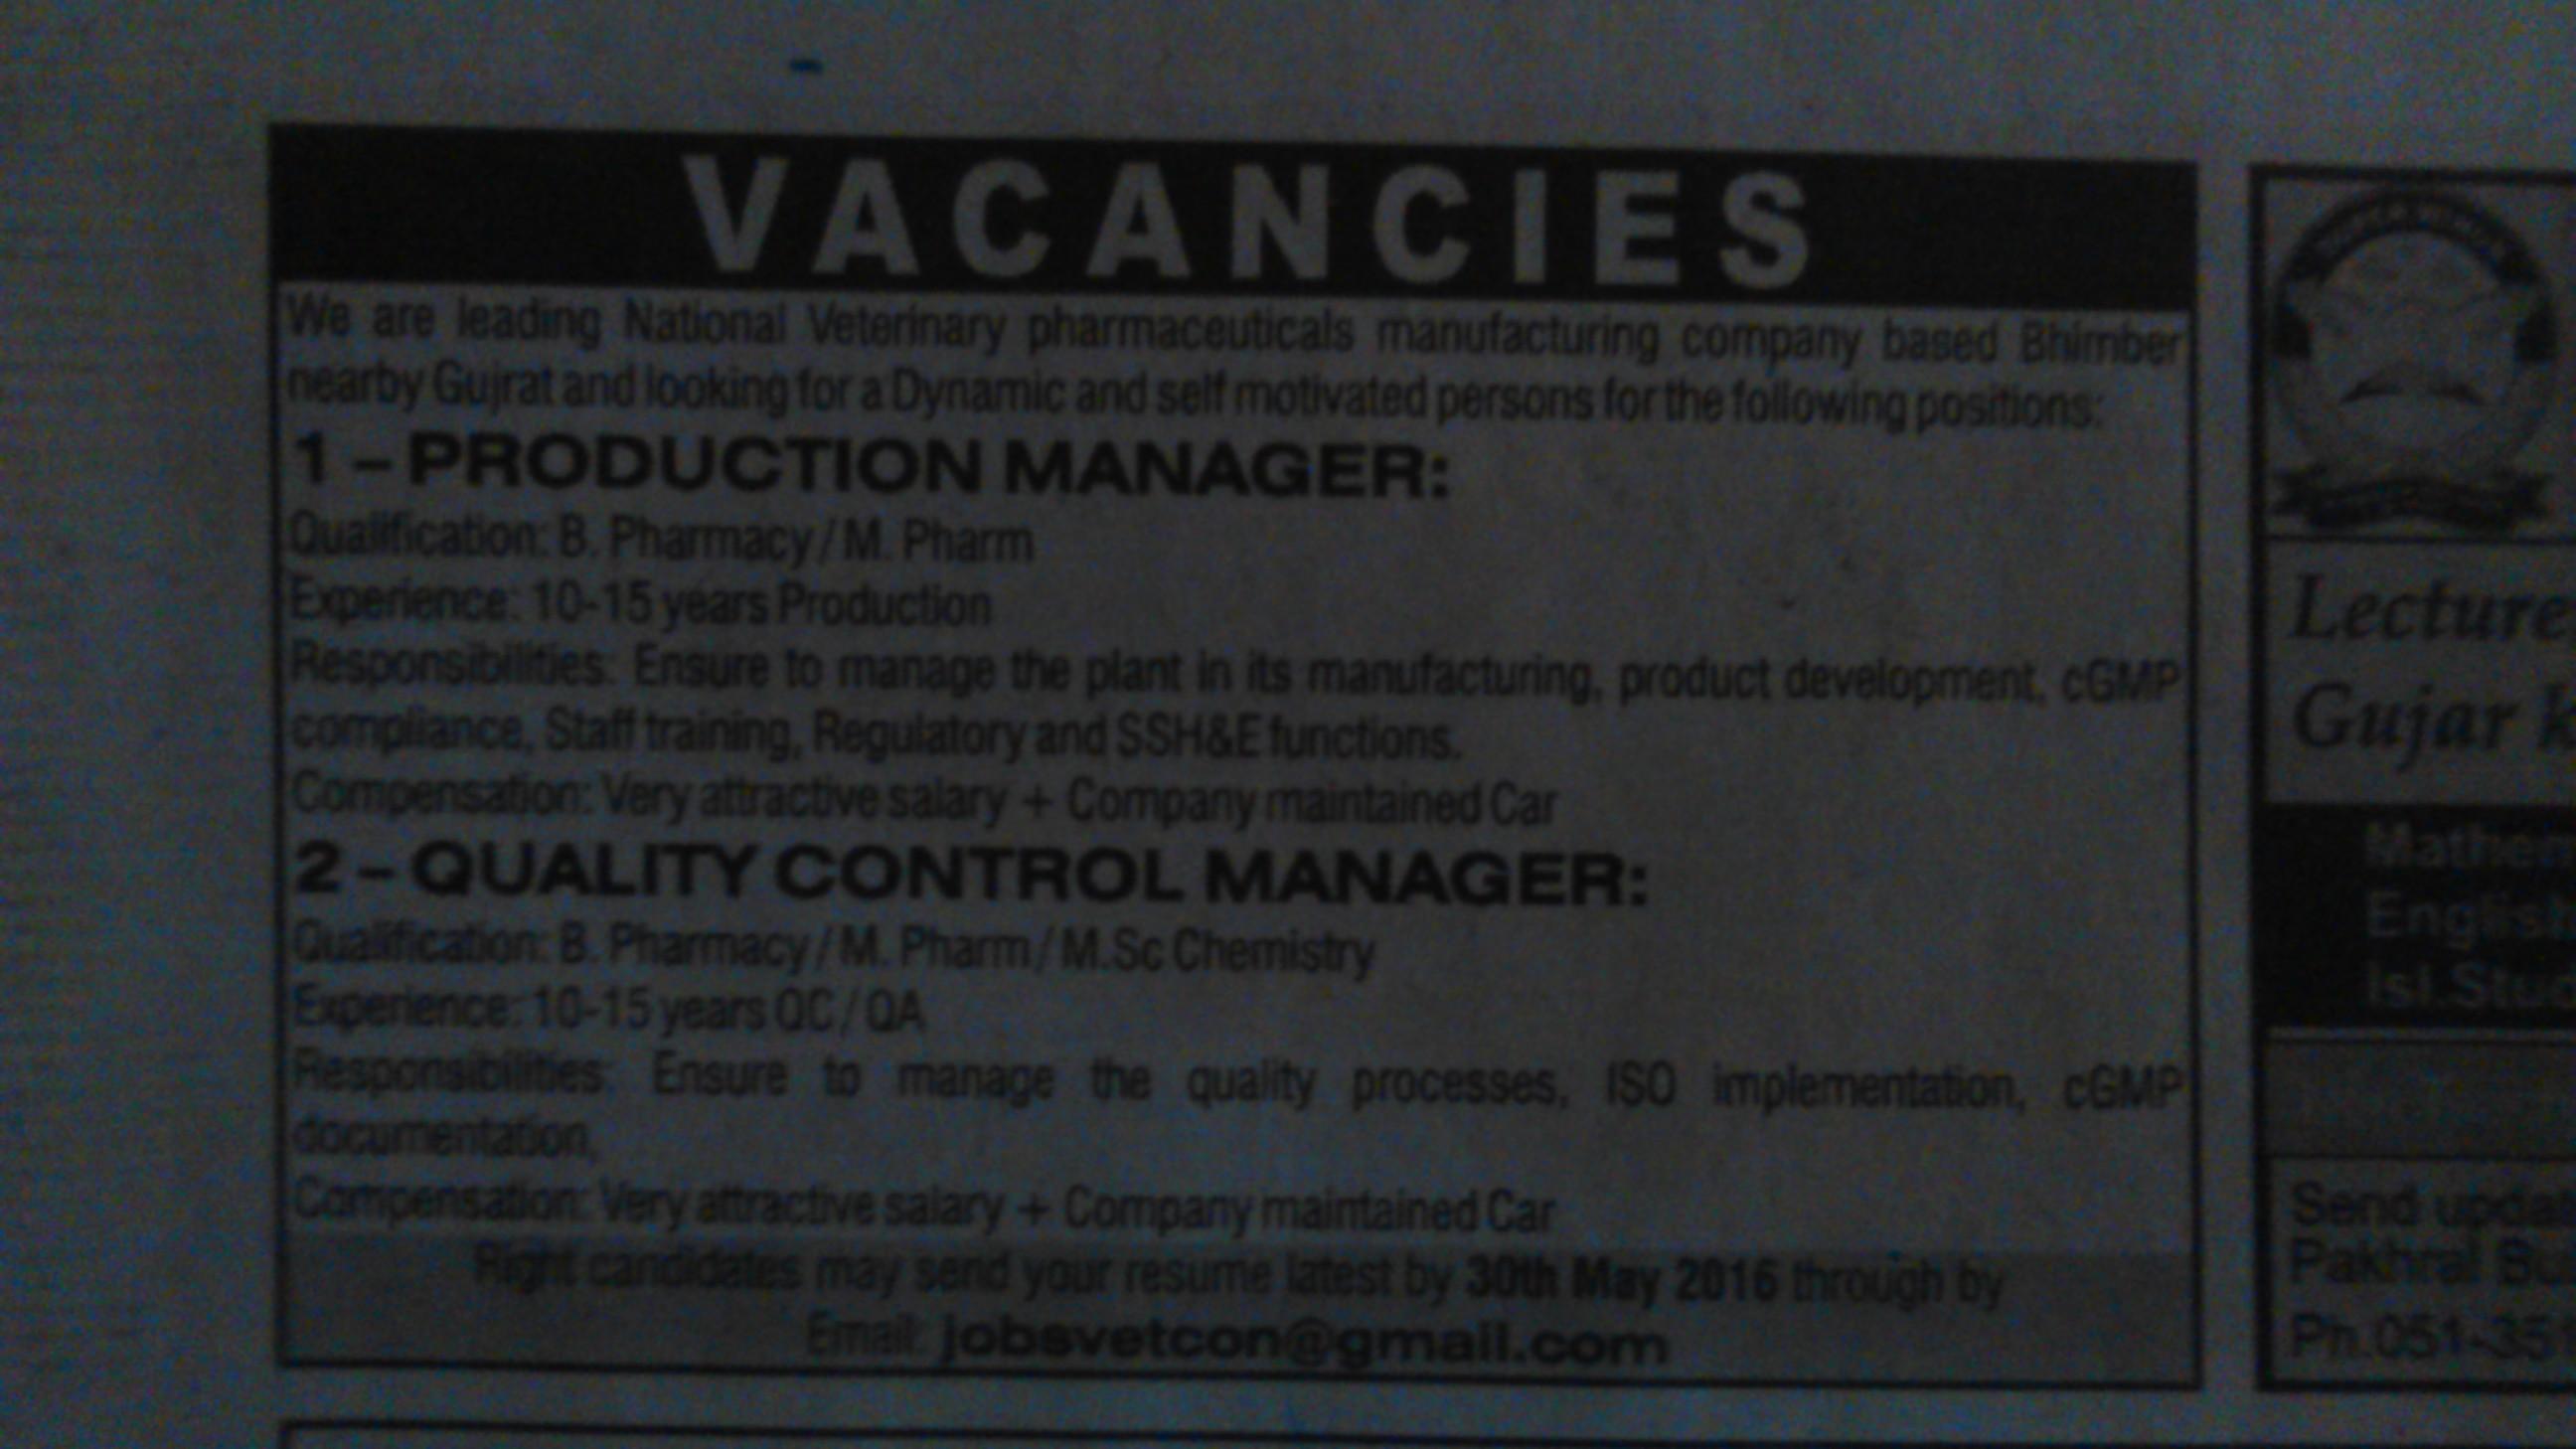 Leading Veterinary Company Jobs